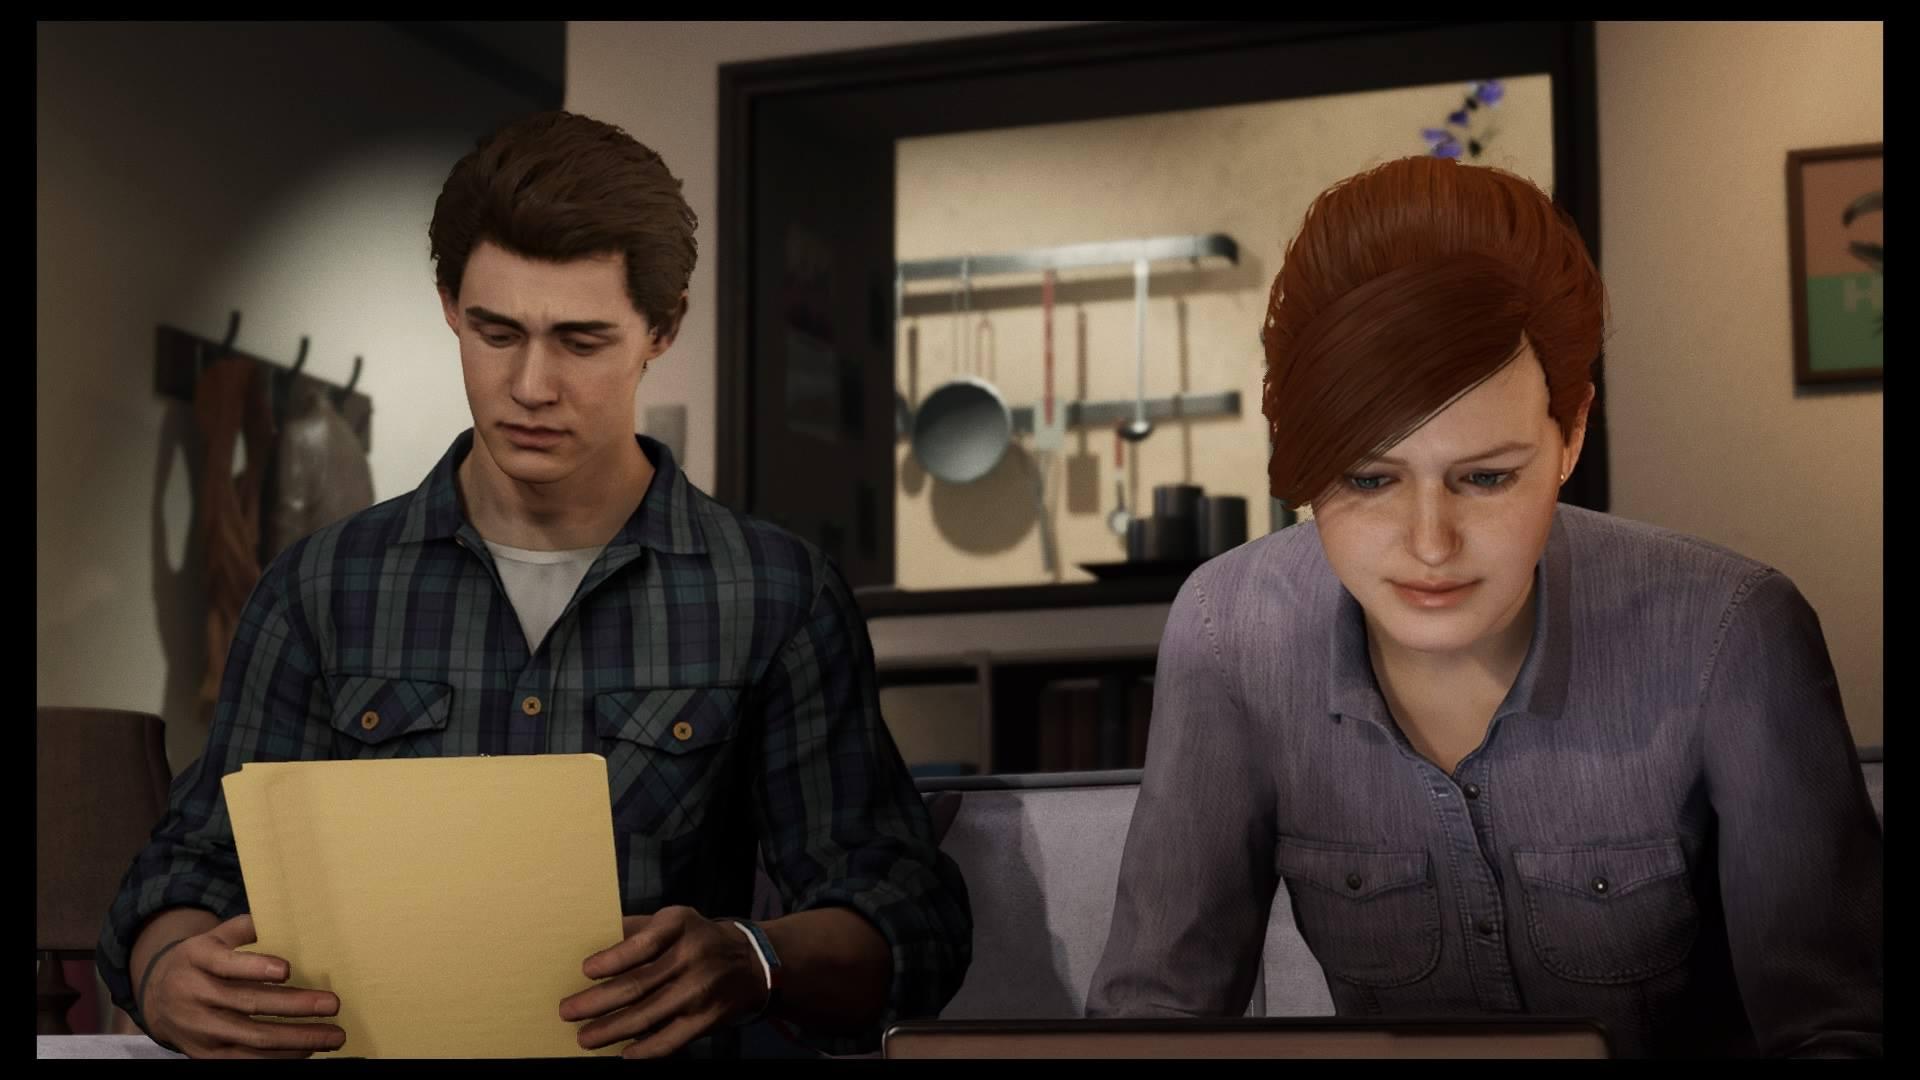 Spider-Man image 7